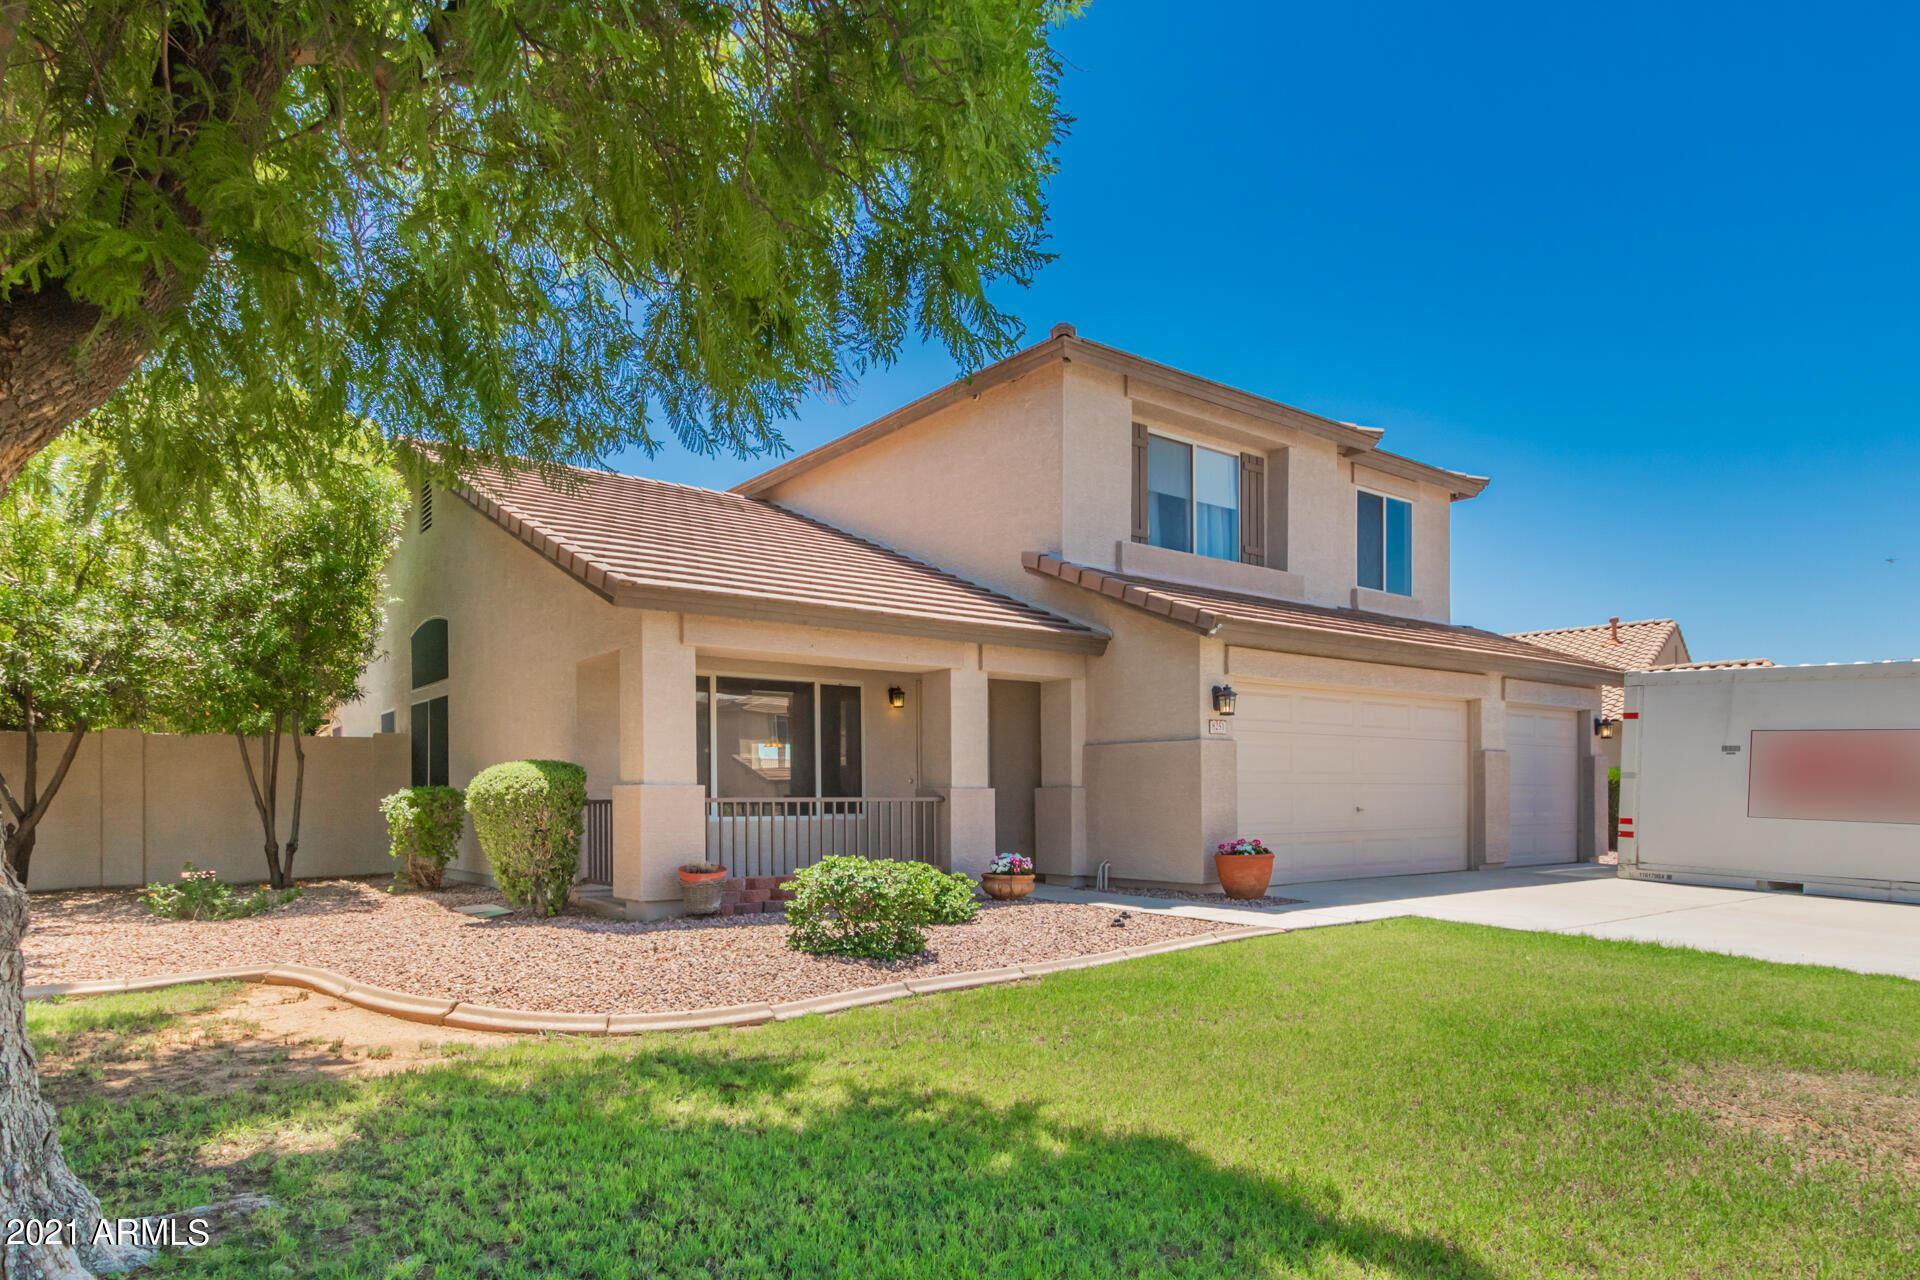 8251 W DEANNA Drive, Peoria, AZ 85382 - MLS#: 6269550